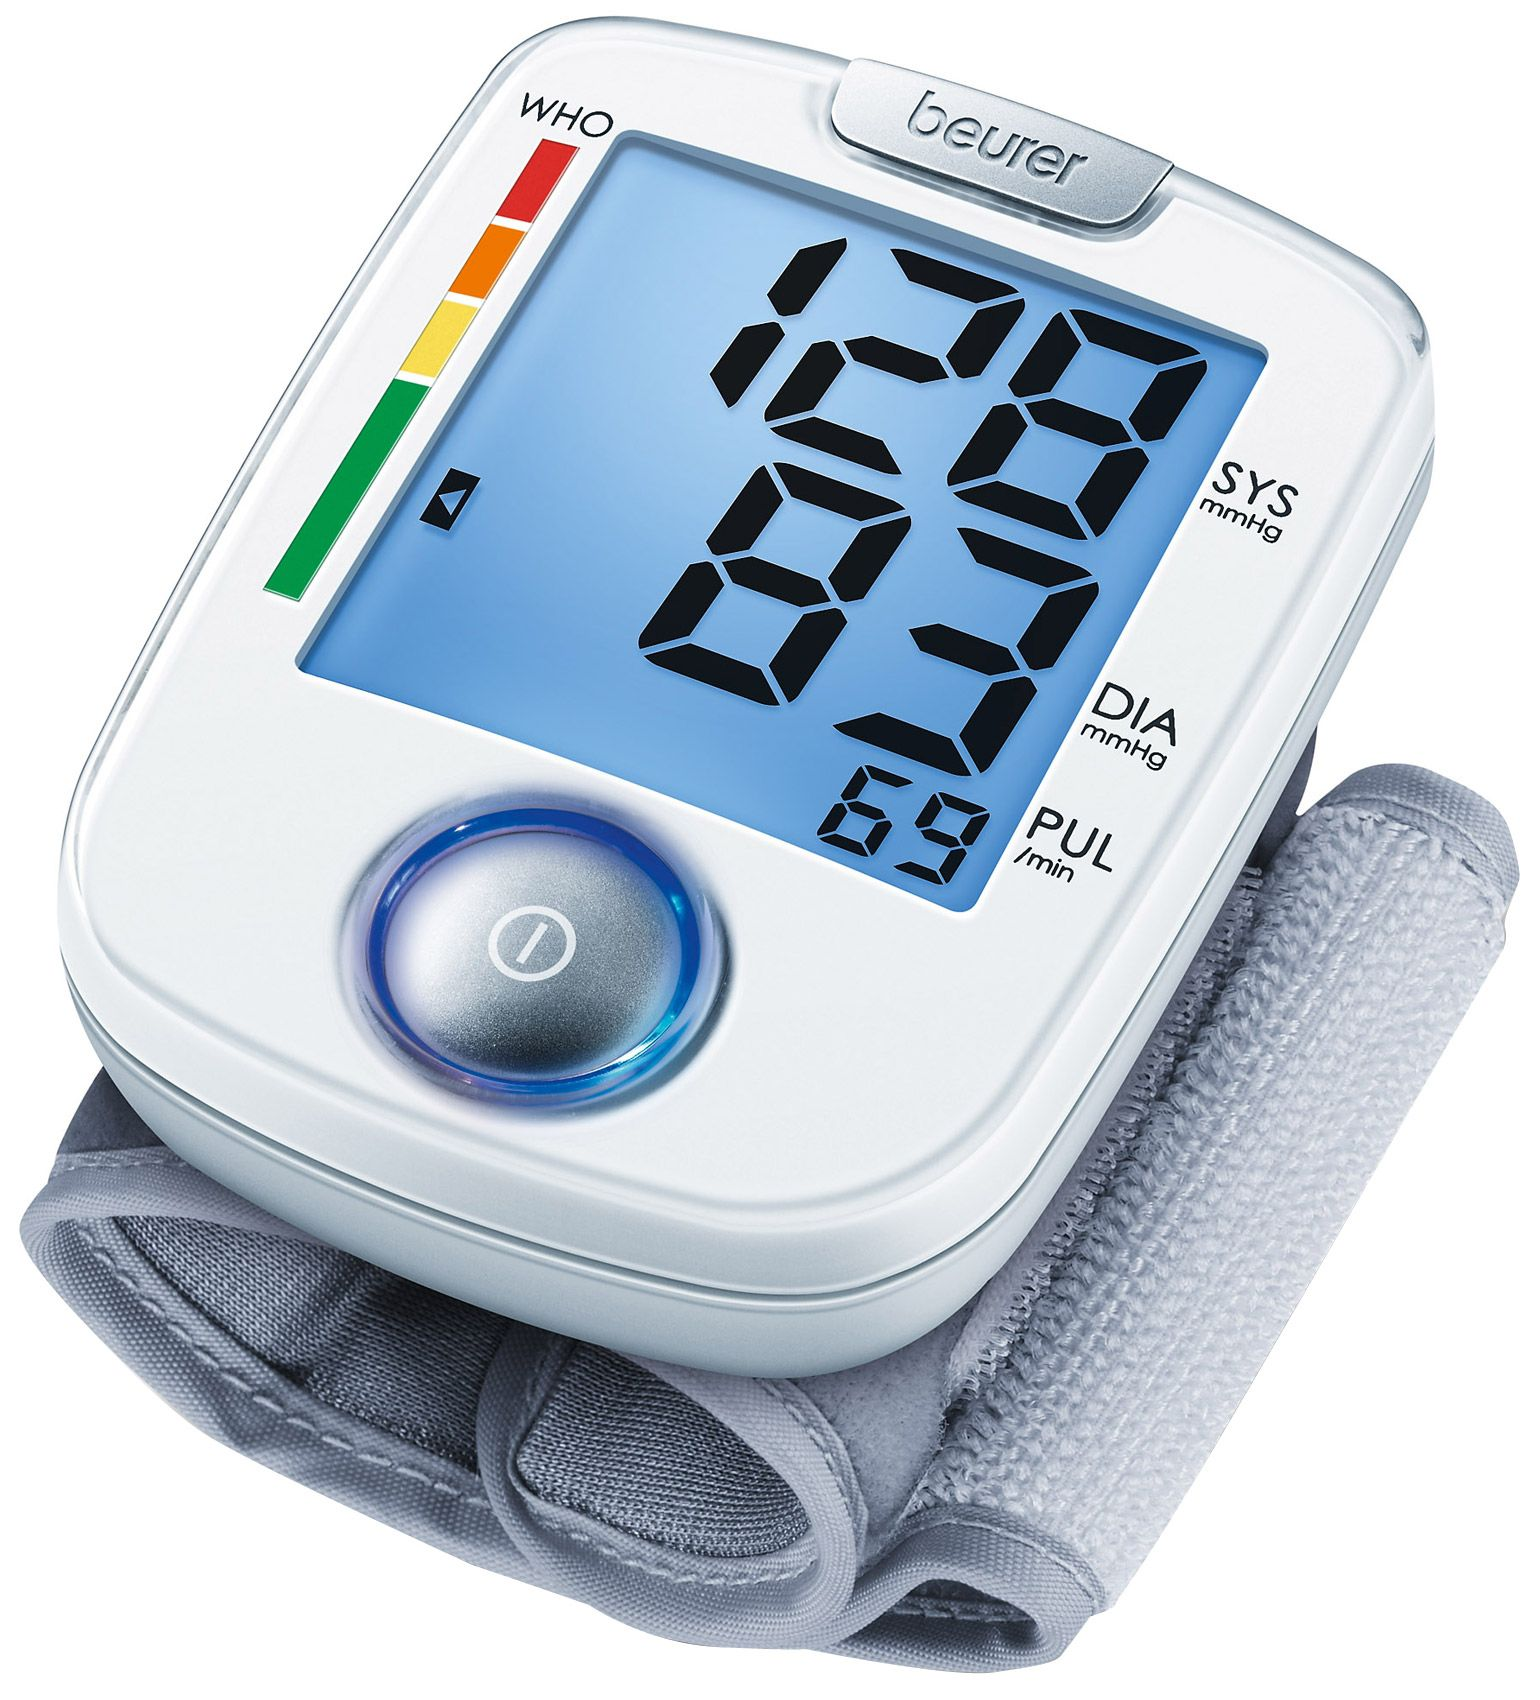 Beurer BC 44 asinsspiediena mērītājs